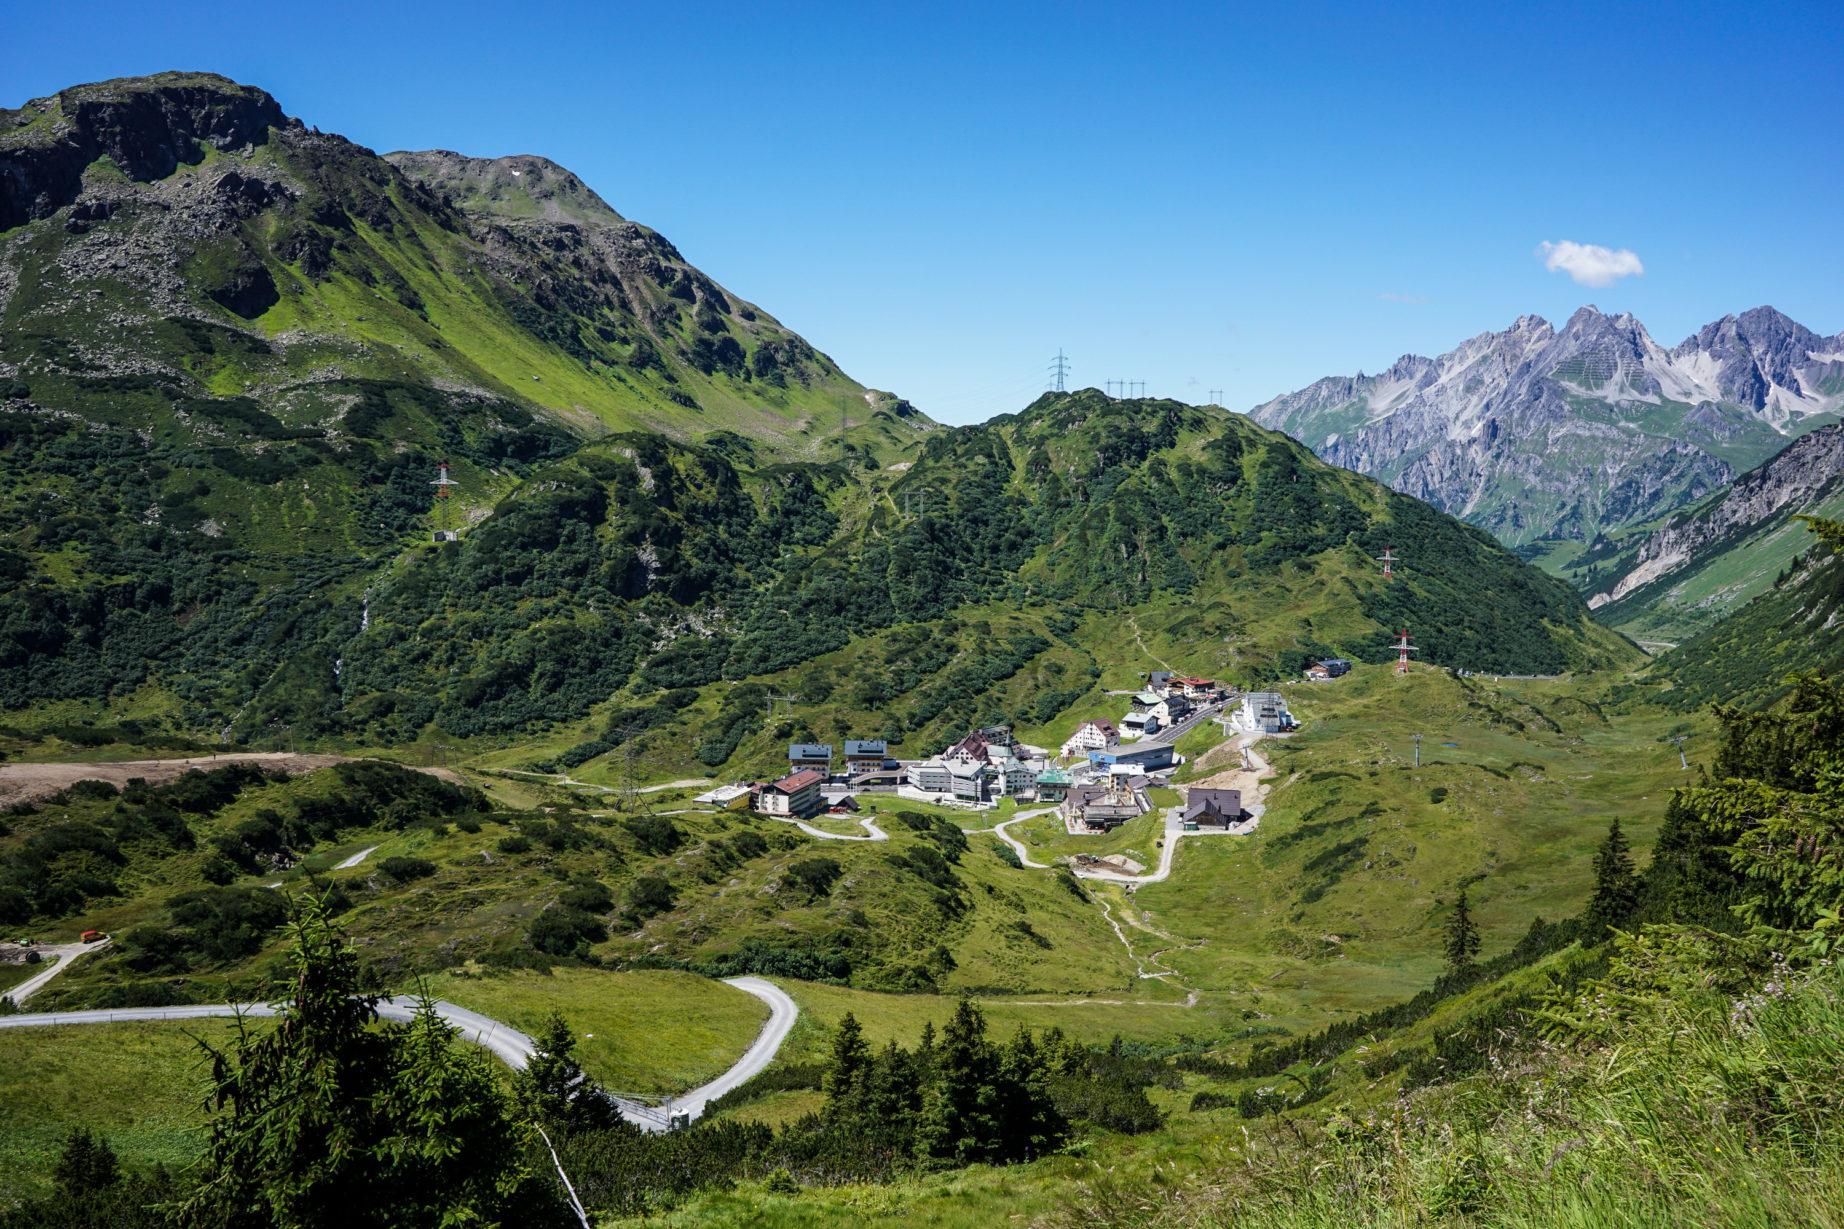 Das Ziel ist zum Greifen nah: St. Christoph am Arlberg